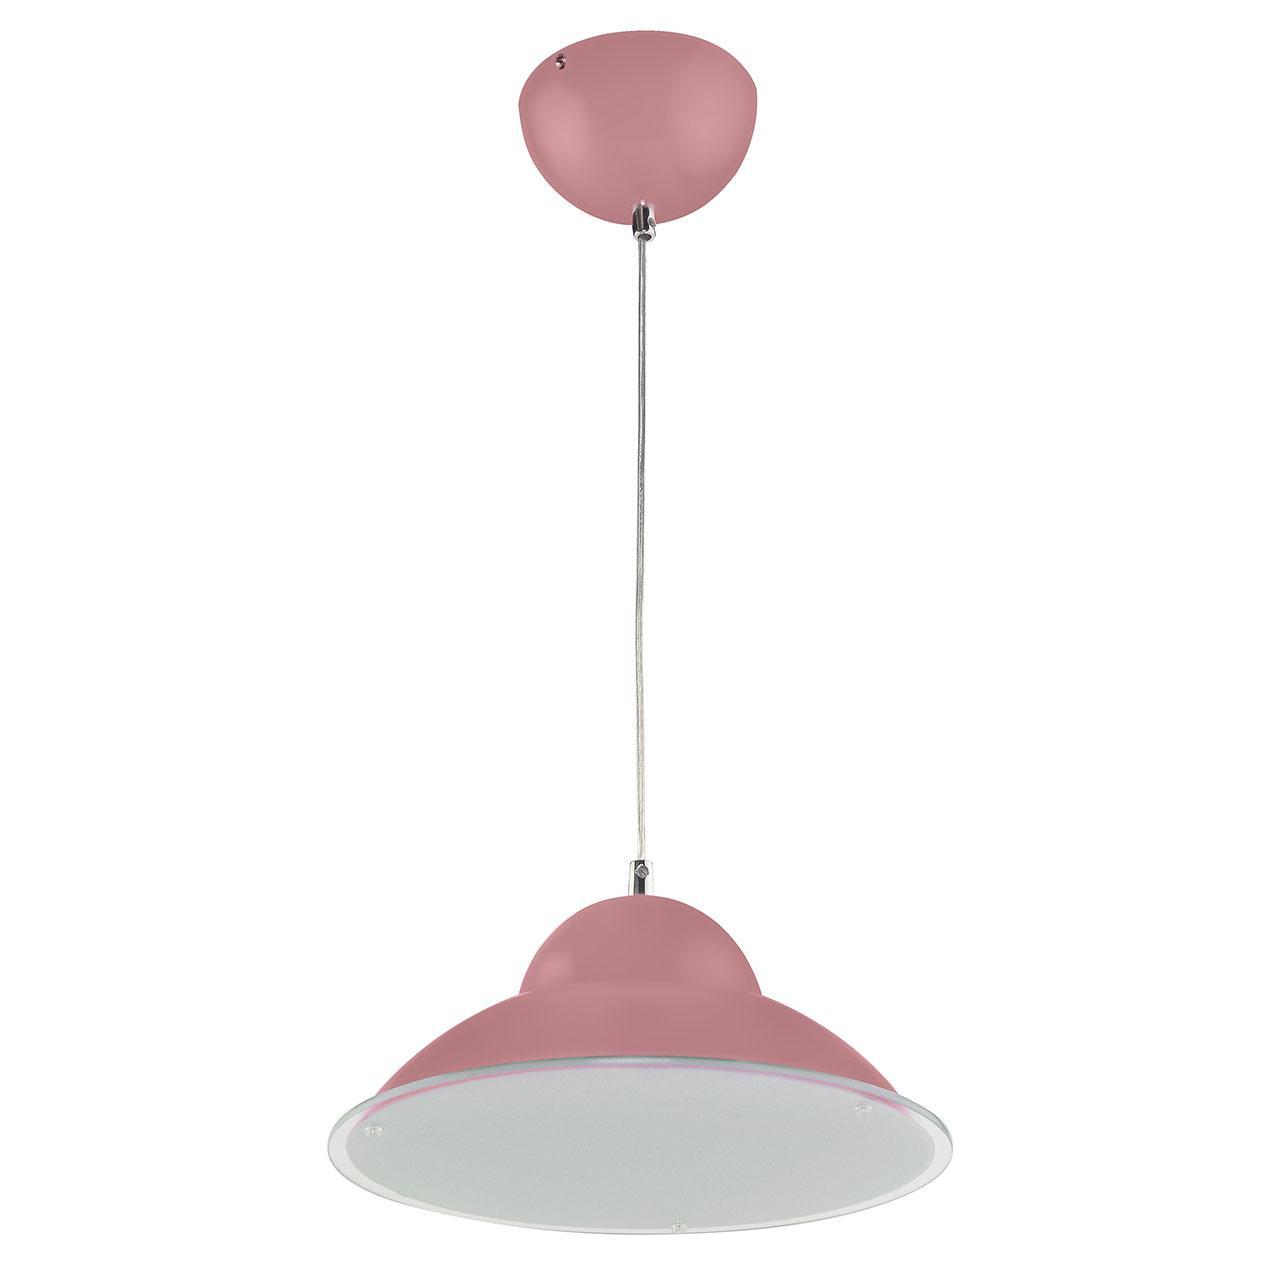 Подвесной светодиодный светильник Horoz розовый 020-005-0015 horoz подвесной светодиодный светильник horoz alya 15w 4000к ip20 розовый 020 005 0015 hrz00000785